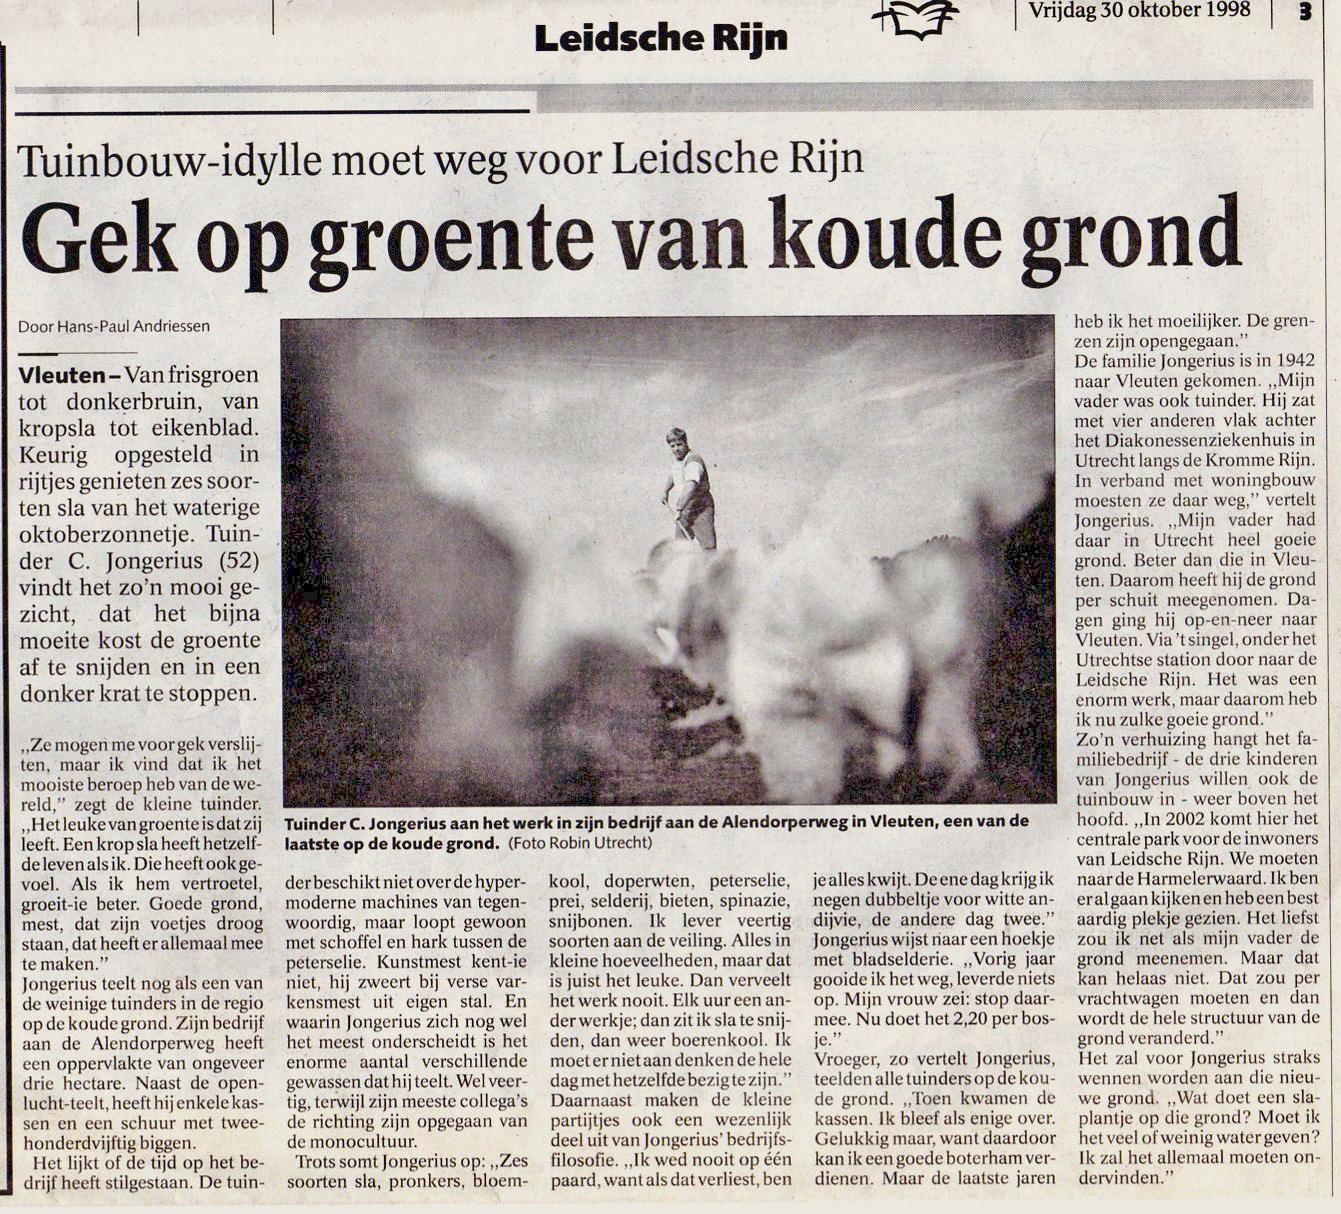 artikel utrechts nieuwsblad 1998108 (1)